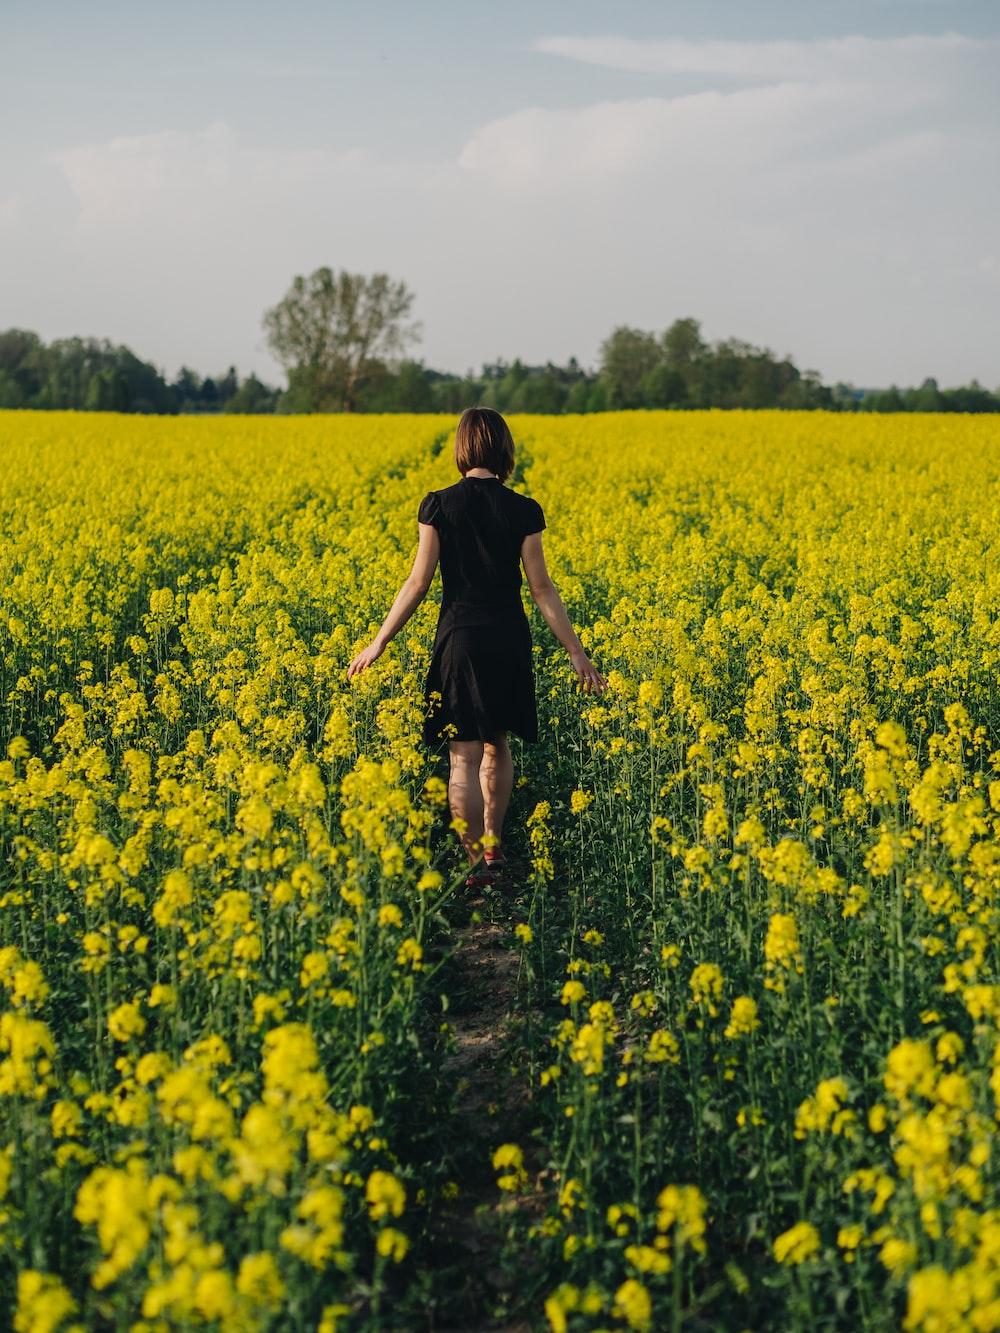 woman walking in yellow flower field